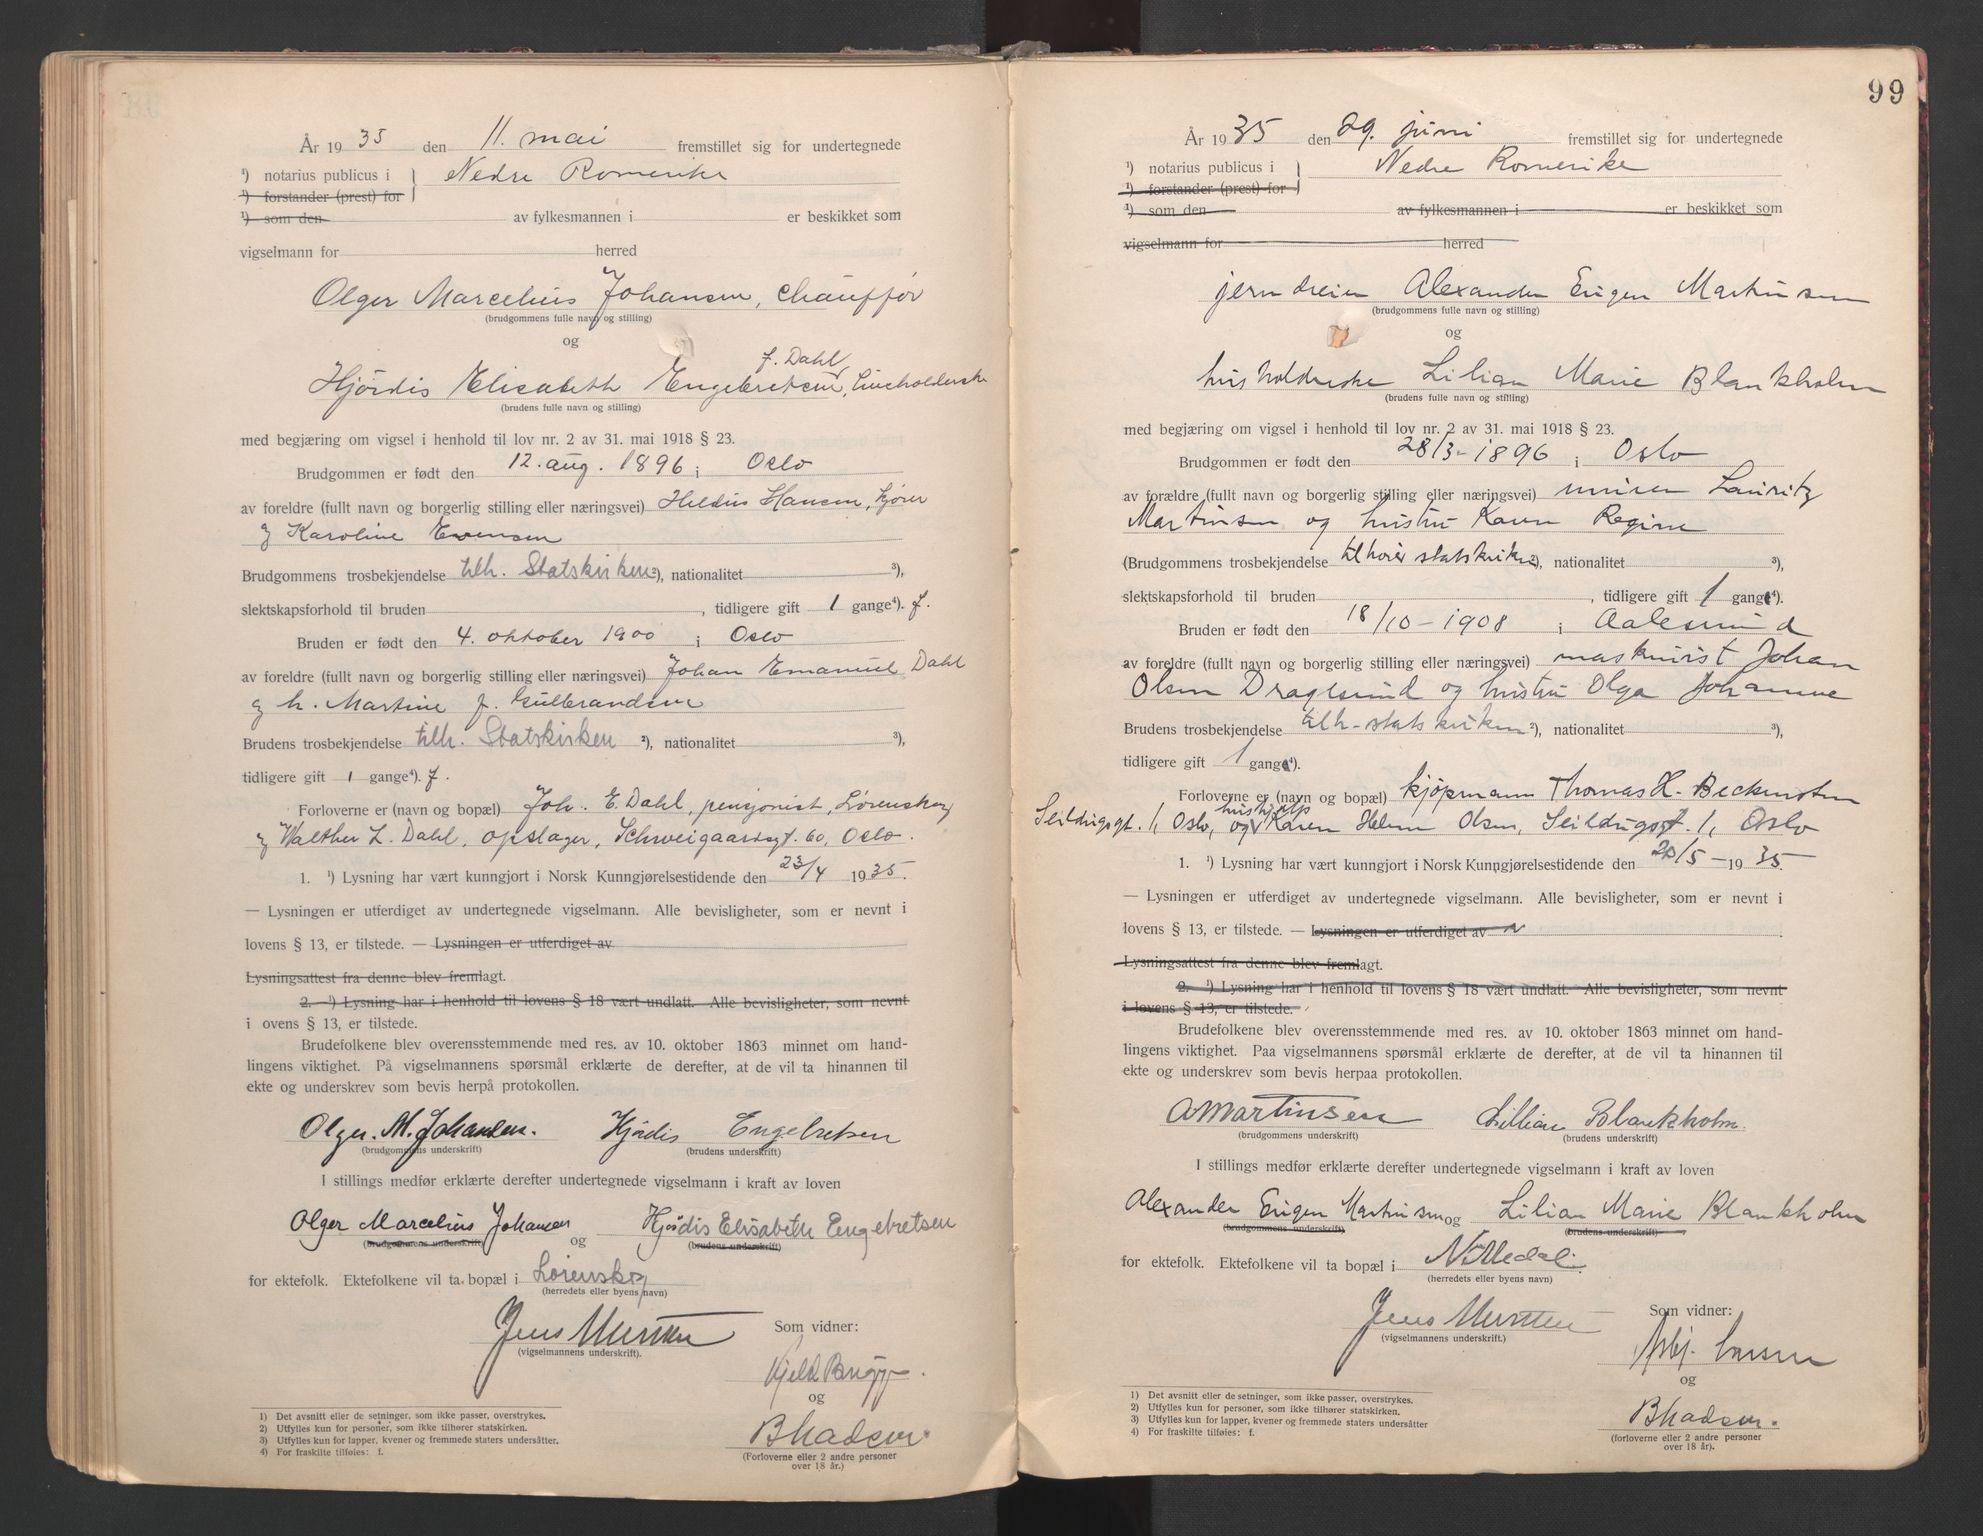 SAO, Nedre Romerike sorenskriveri, L/Lb/L0001: Vigselsbok - borgerlige vielser, 1920-1935, s. 99